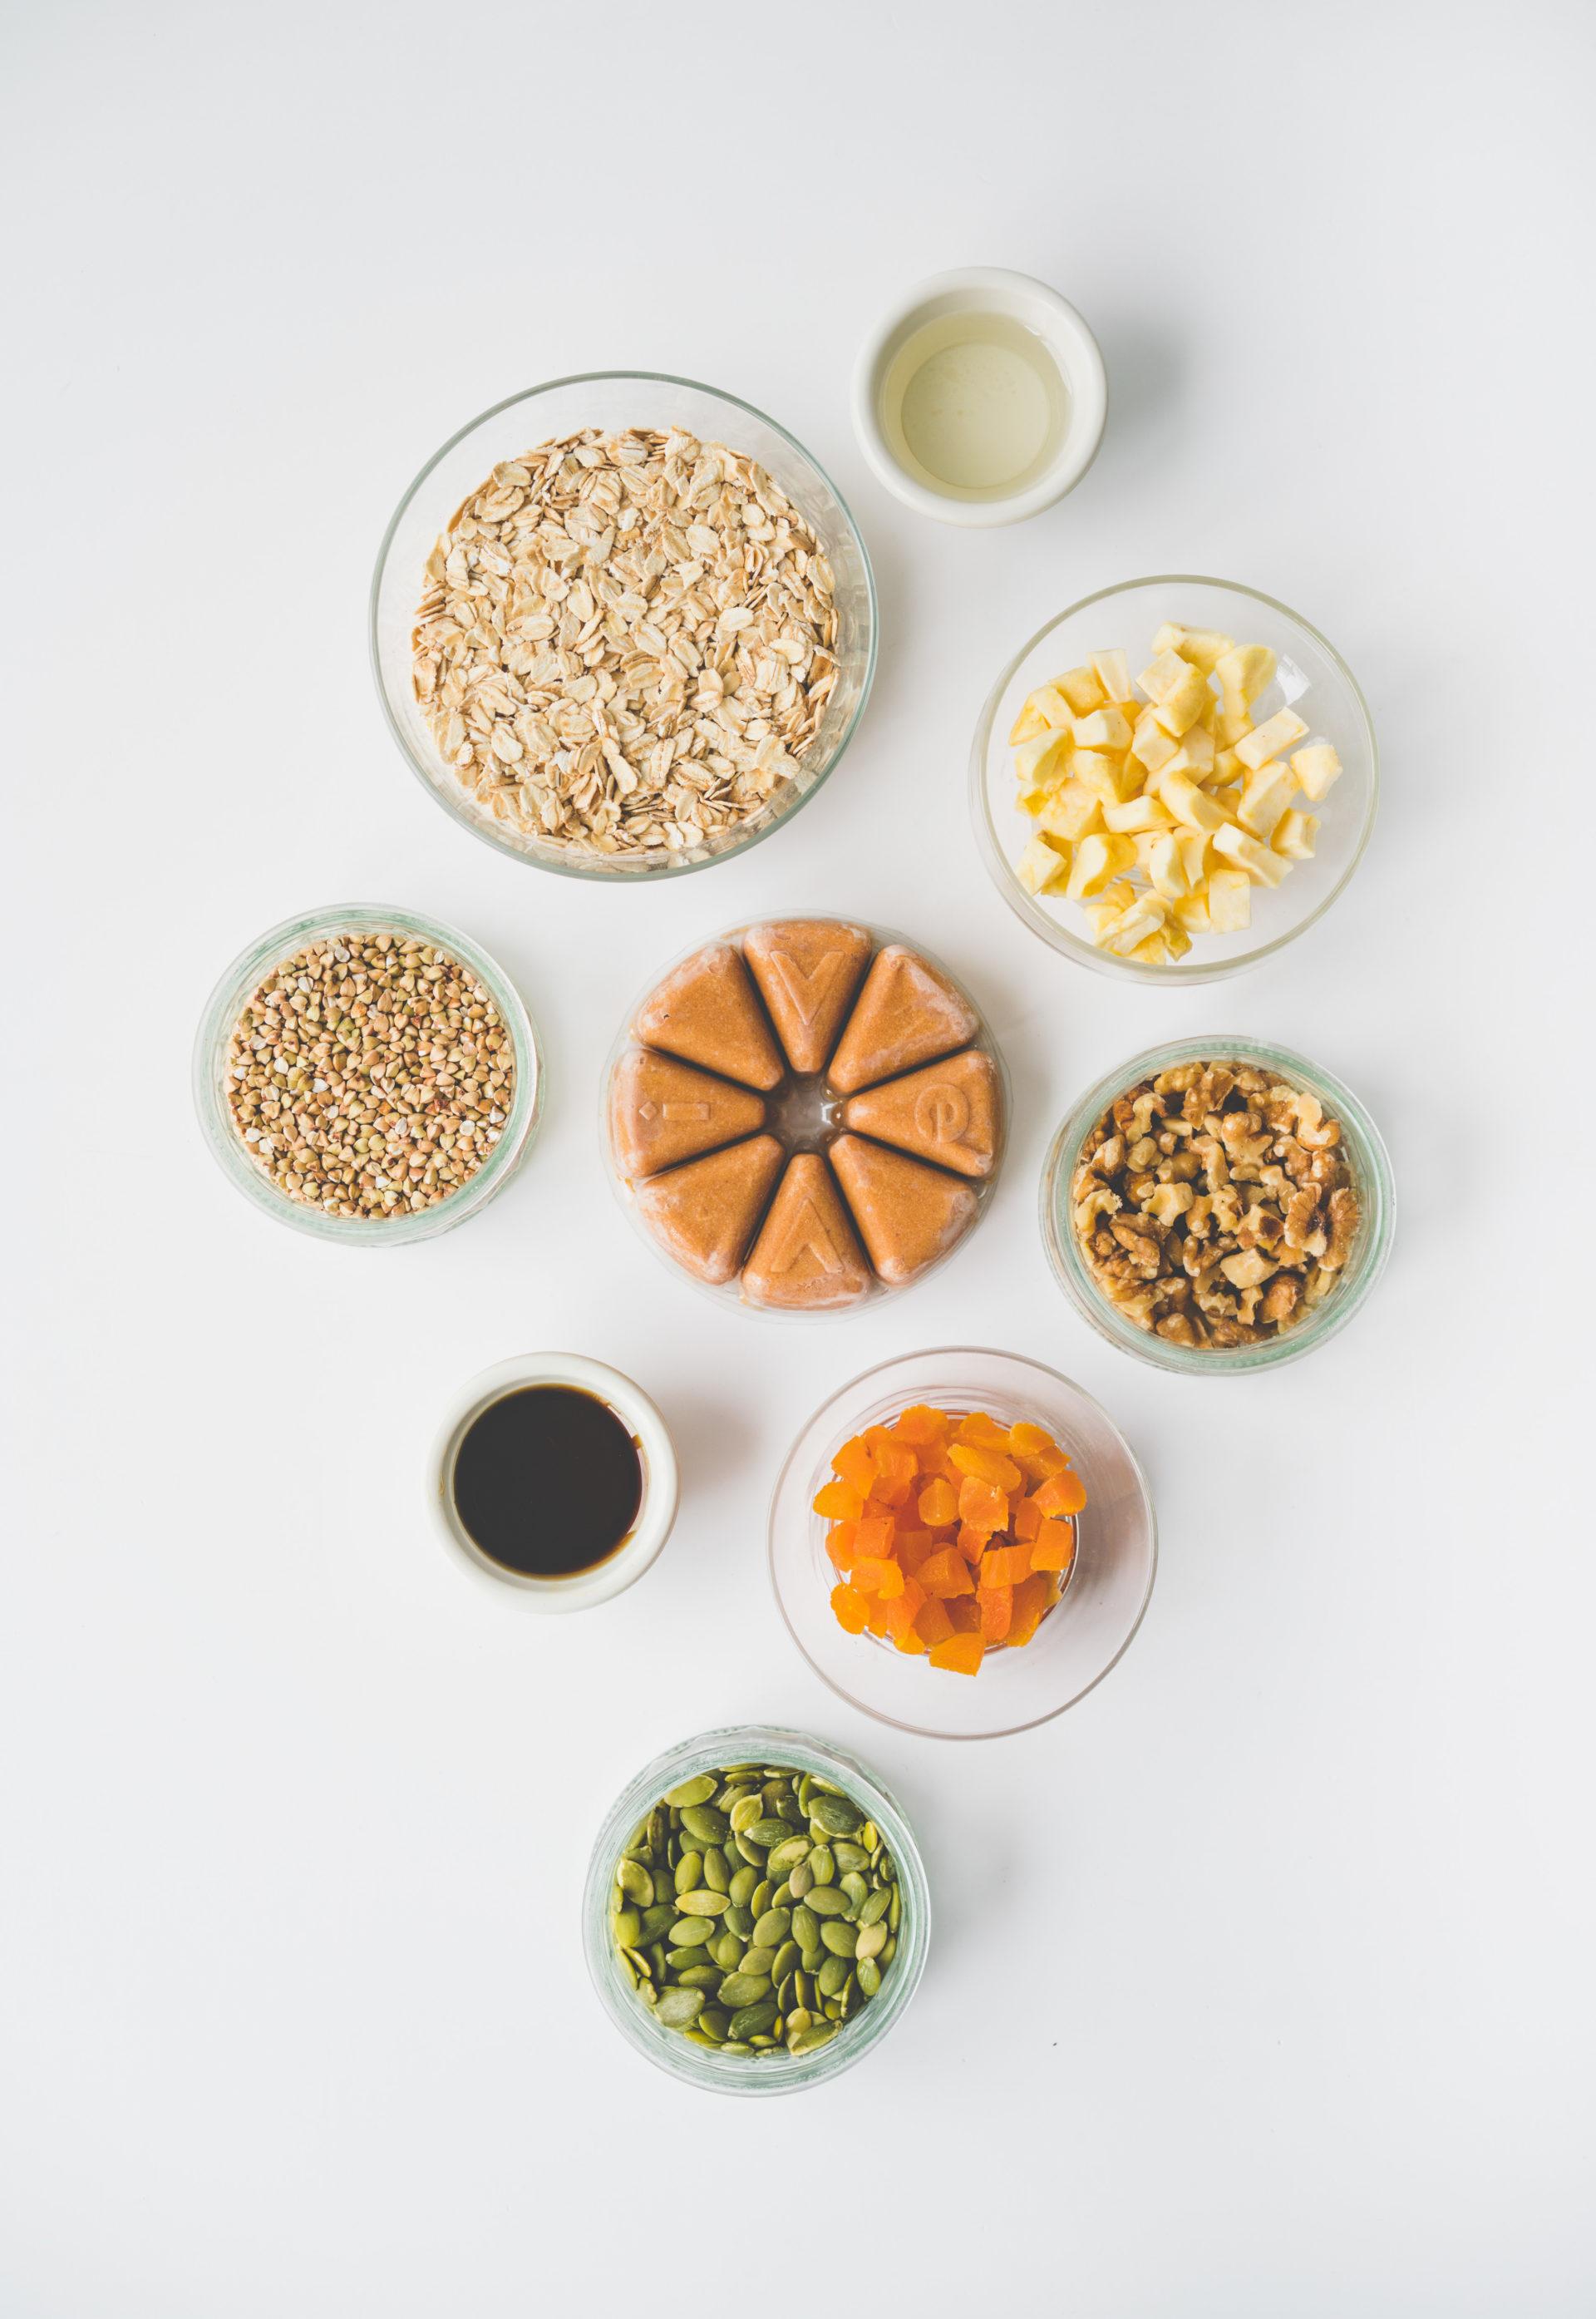 Les ingrédients pour notre recette de granola maison santé